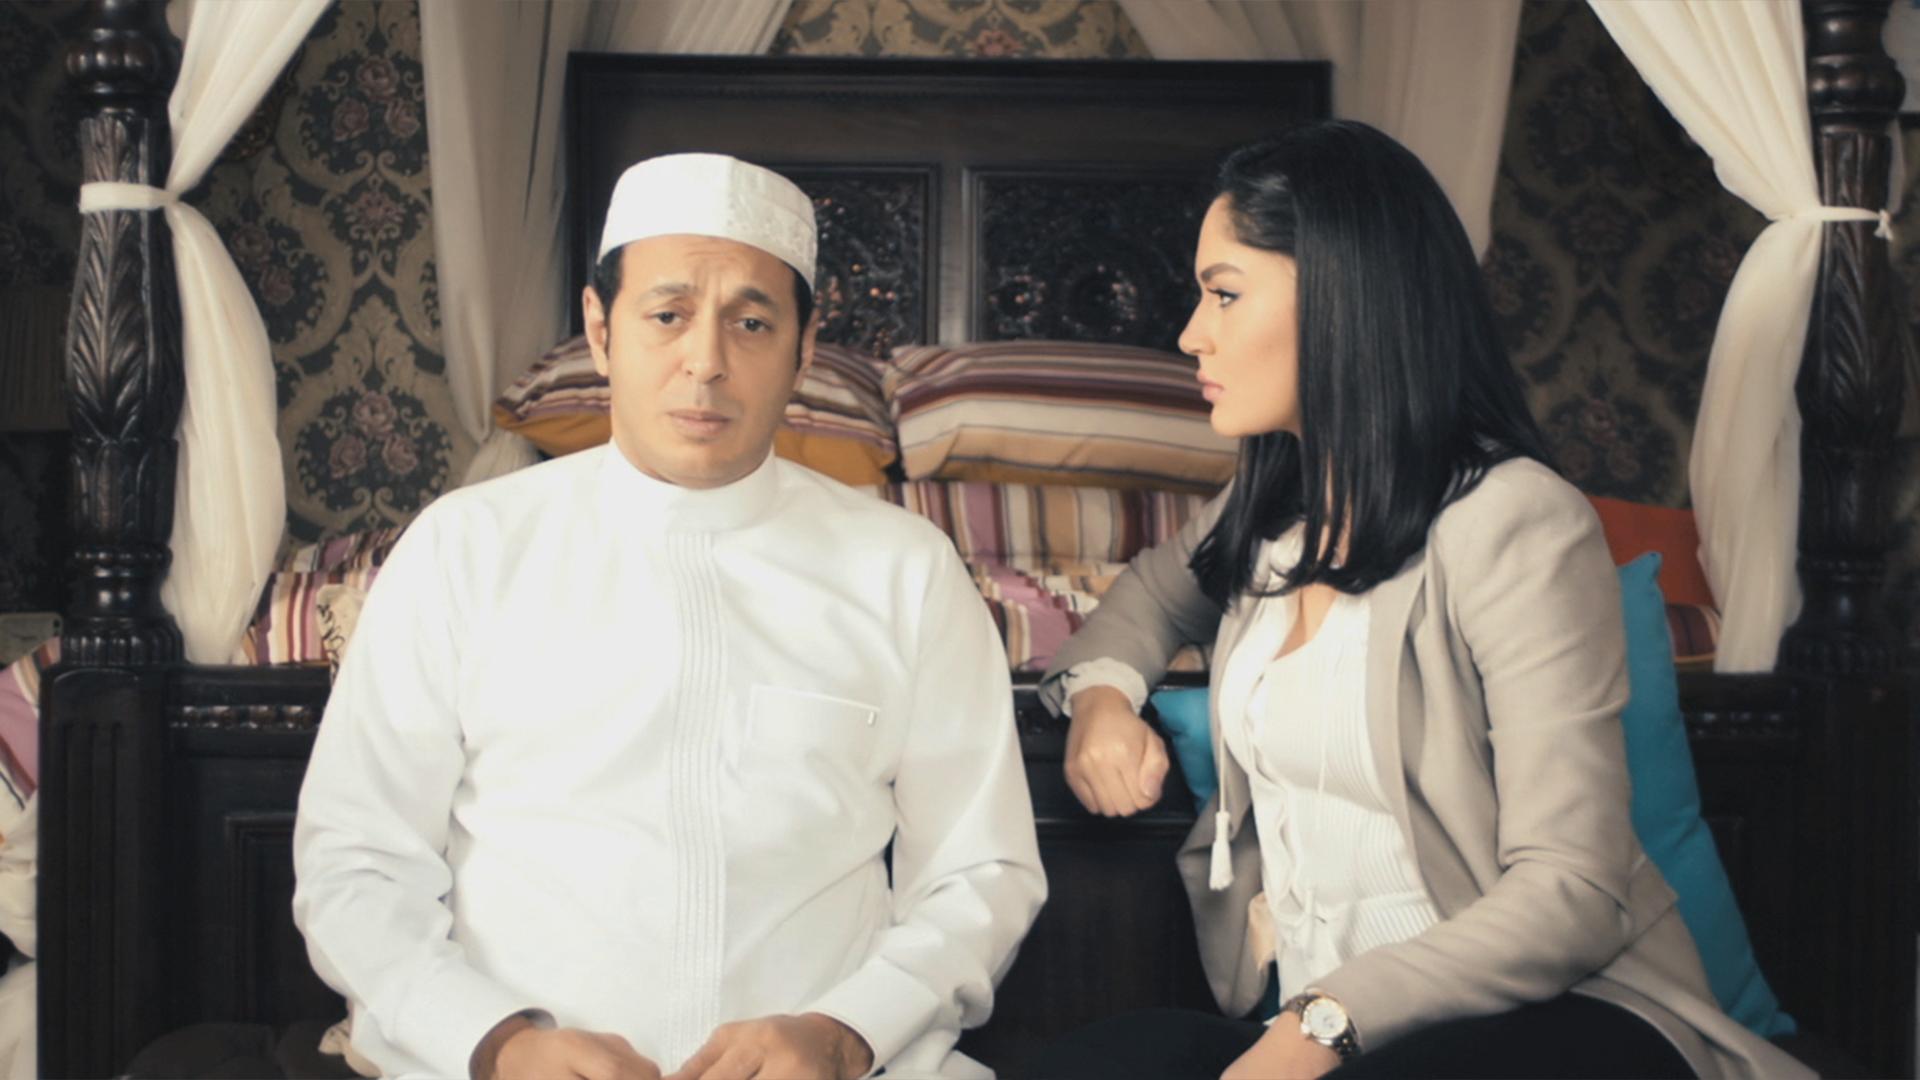 مصطفى شعبان معتكف في المسجد في الحلقة 18 من مسلسل اللهم إني صائم